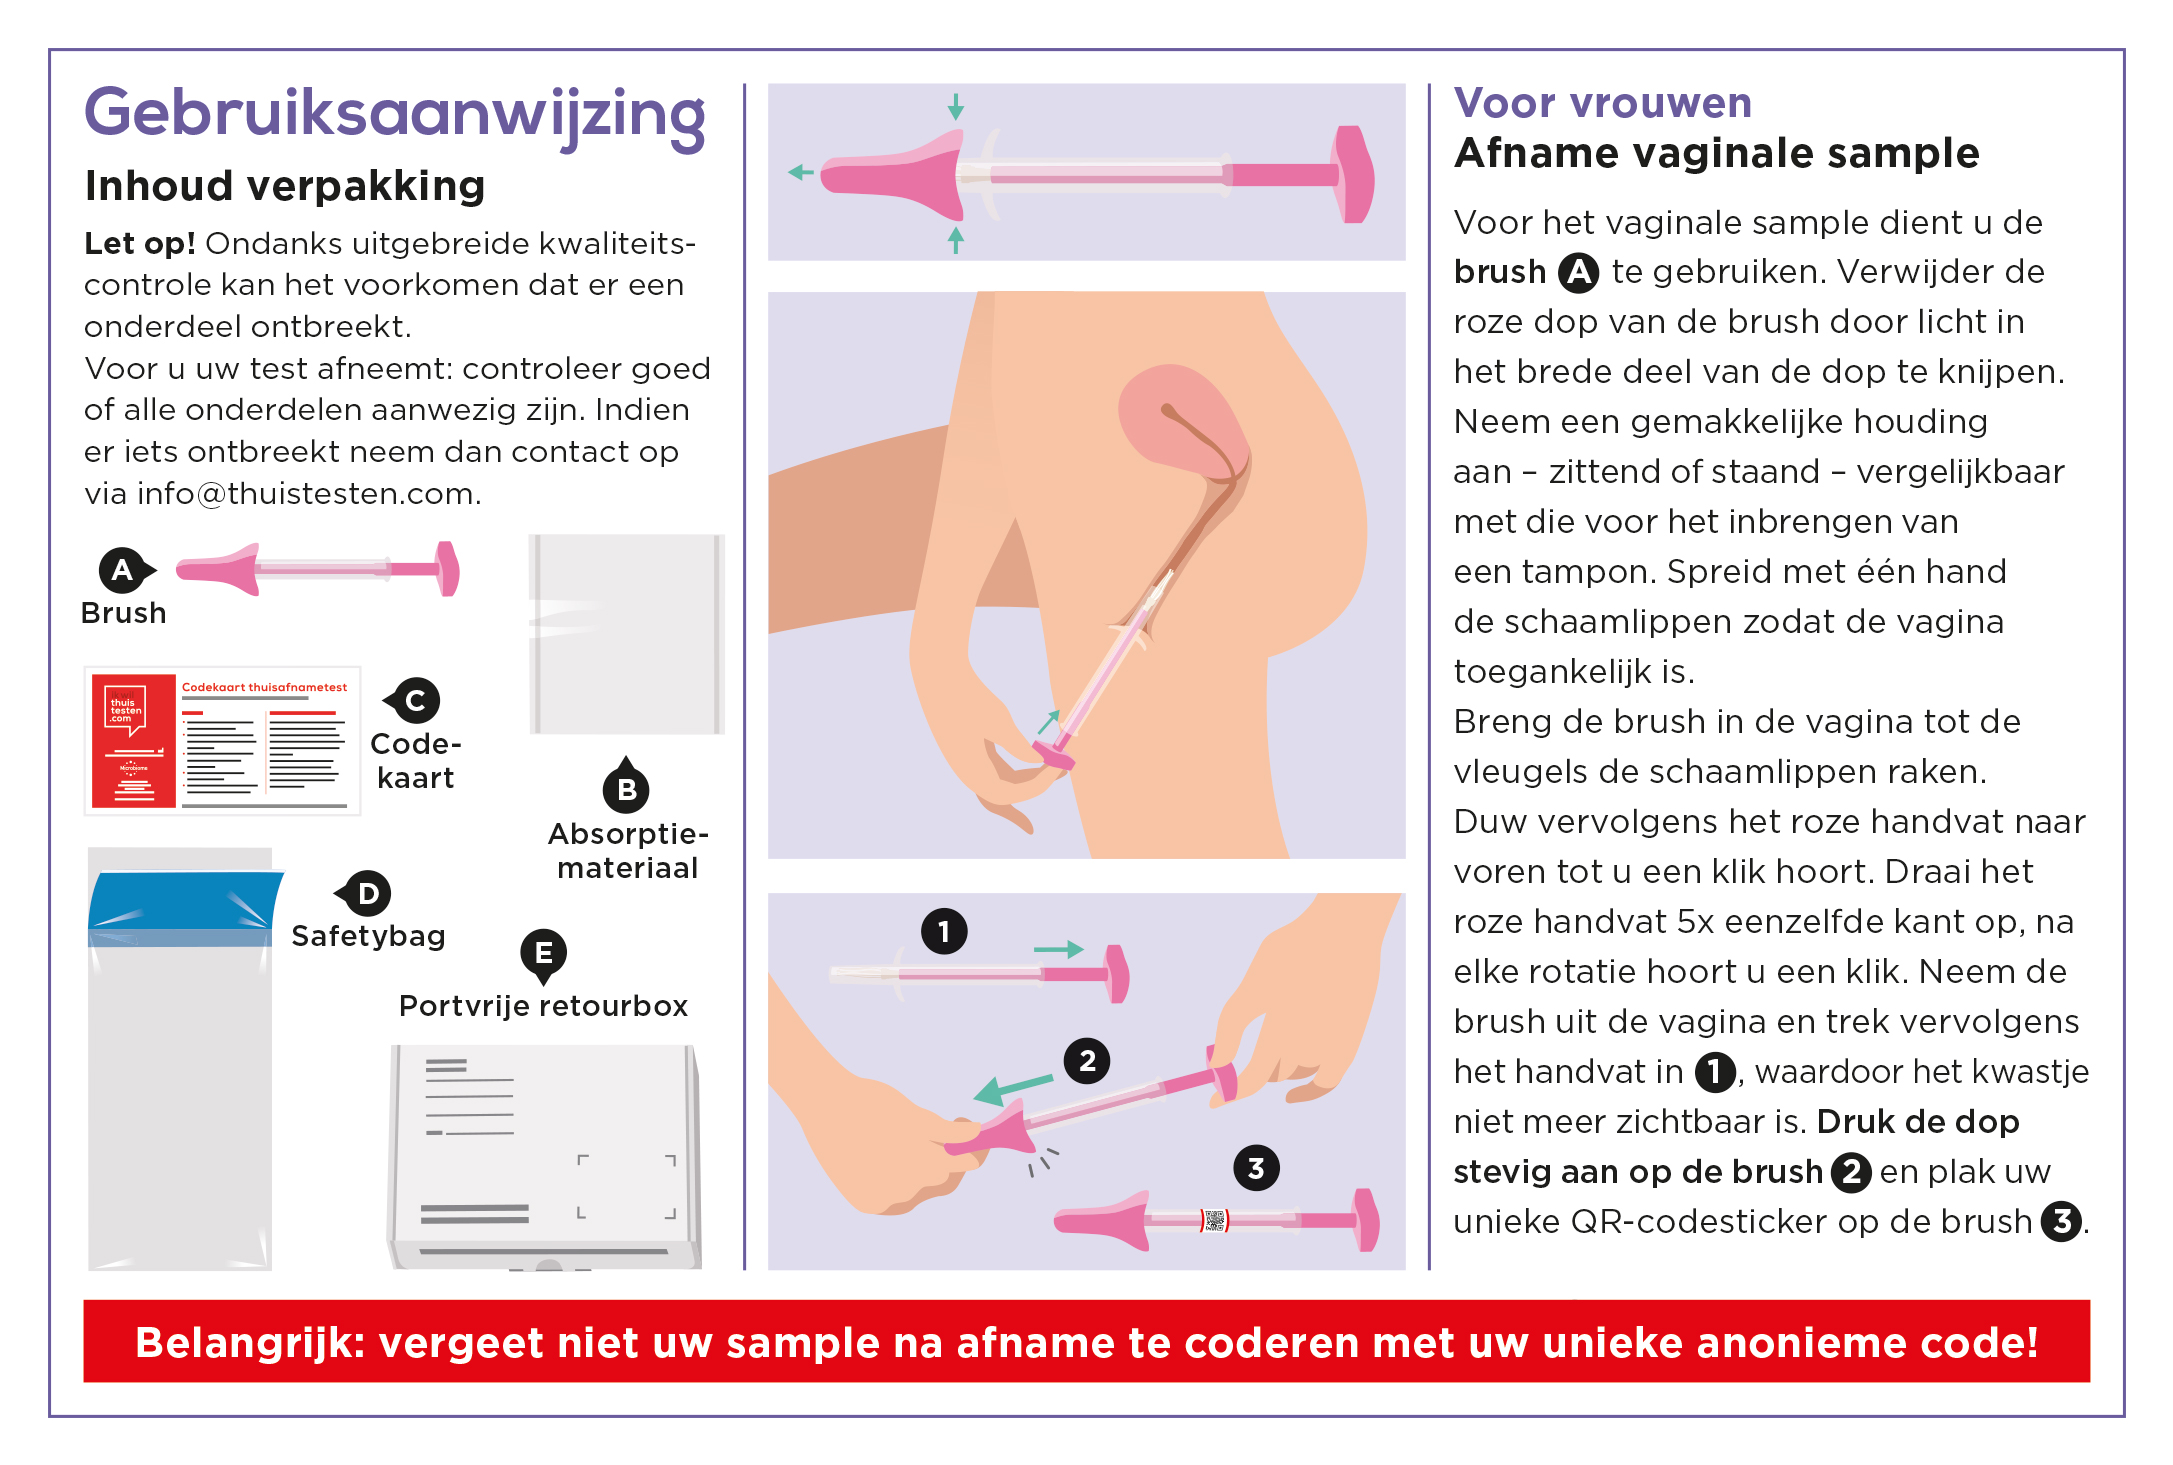 Gebruiksaanwijzing HPV-test